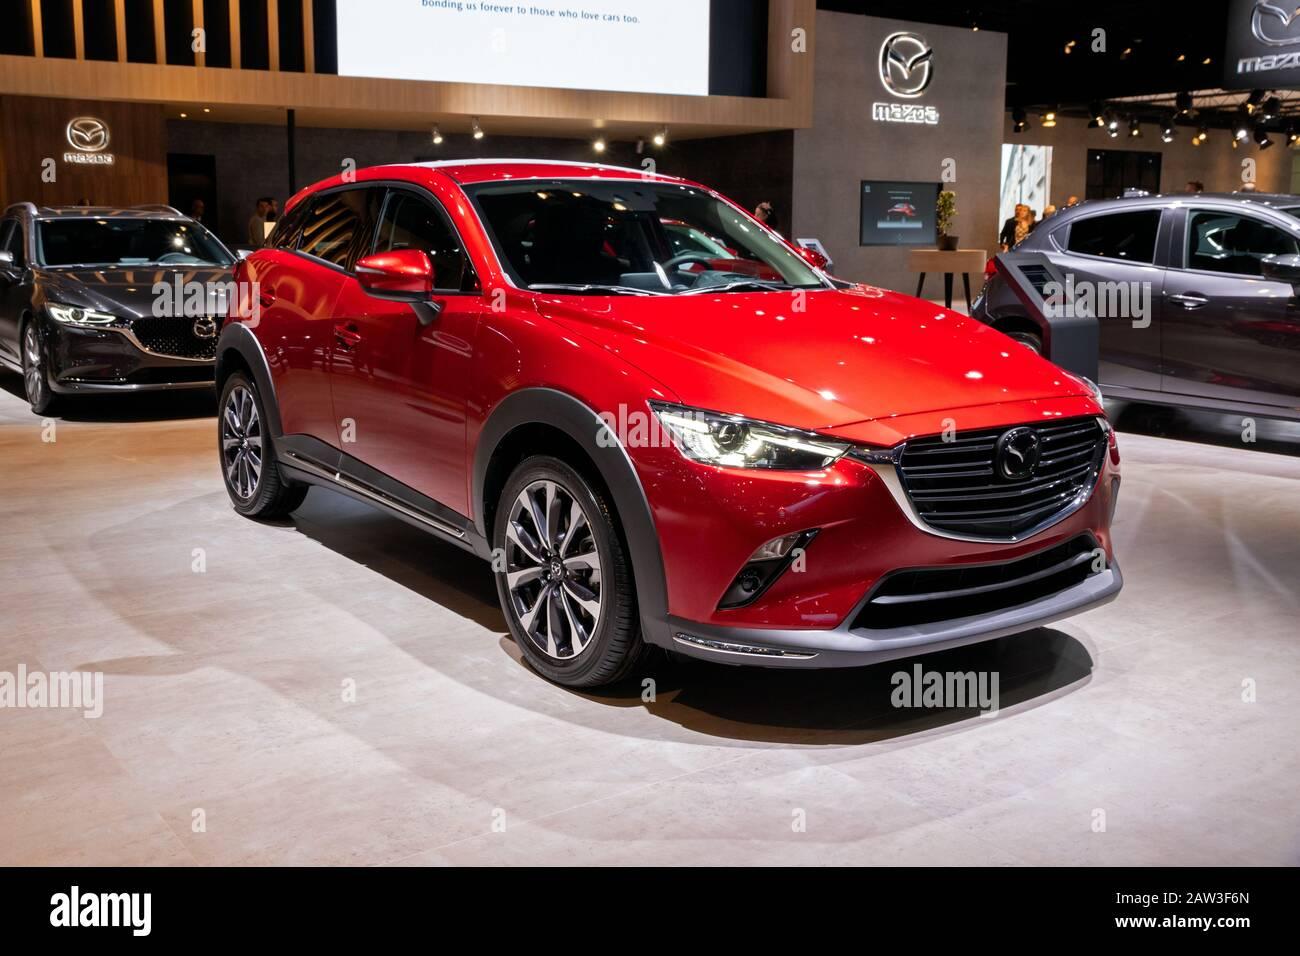 Mazda Cx3 Immagini E Fotos Stock Alamy